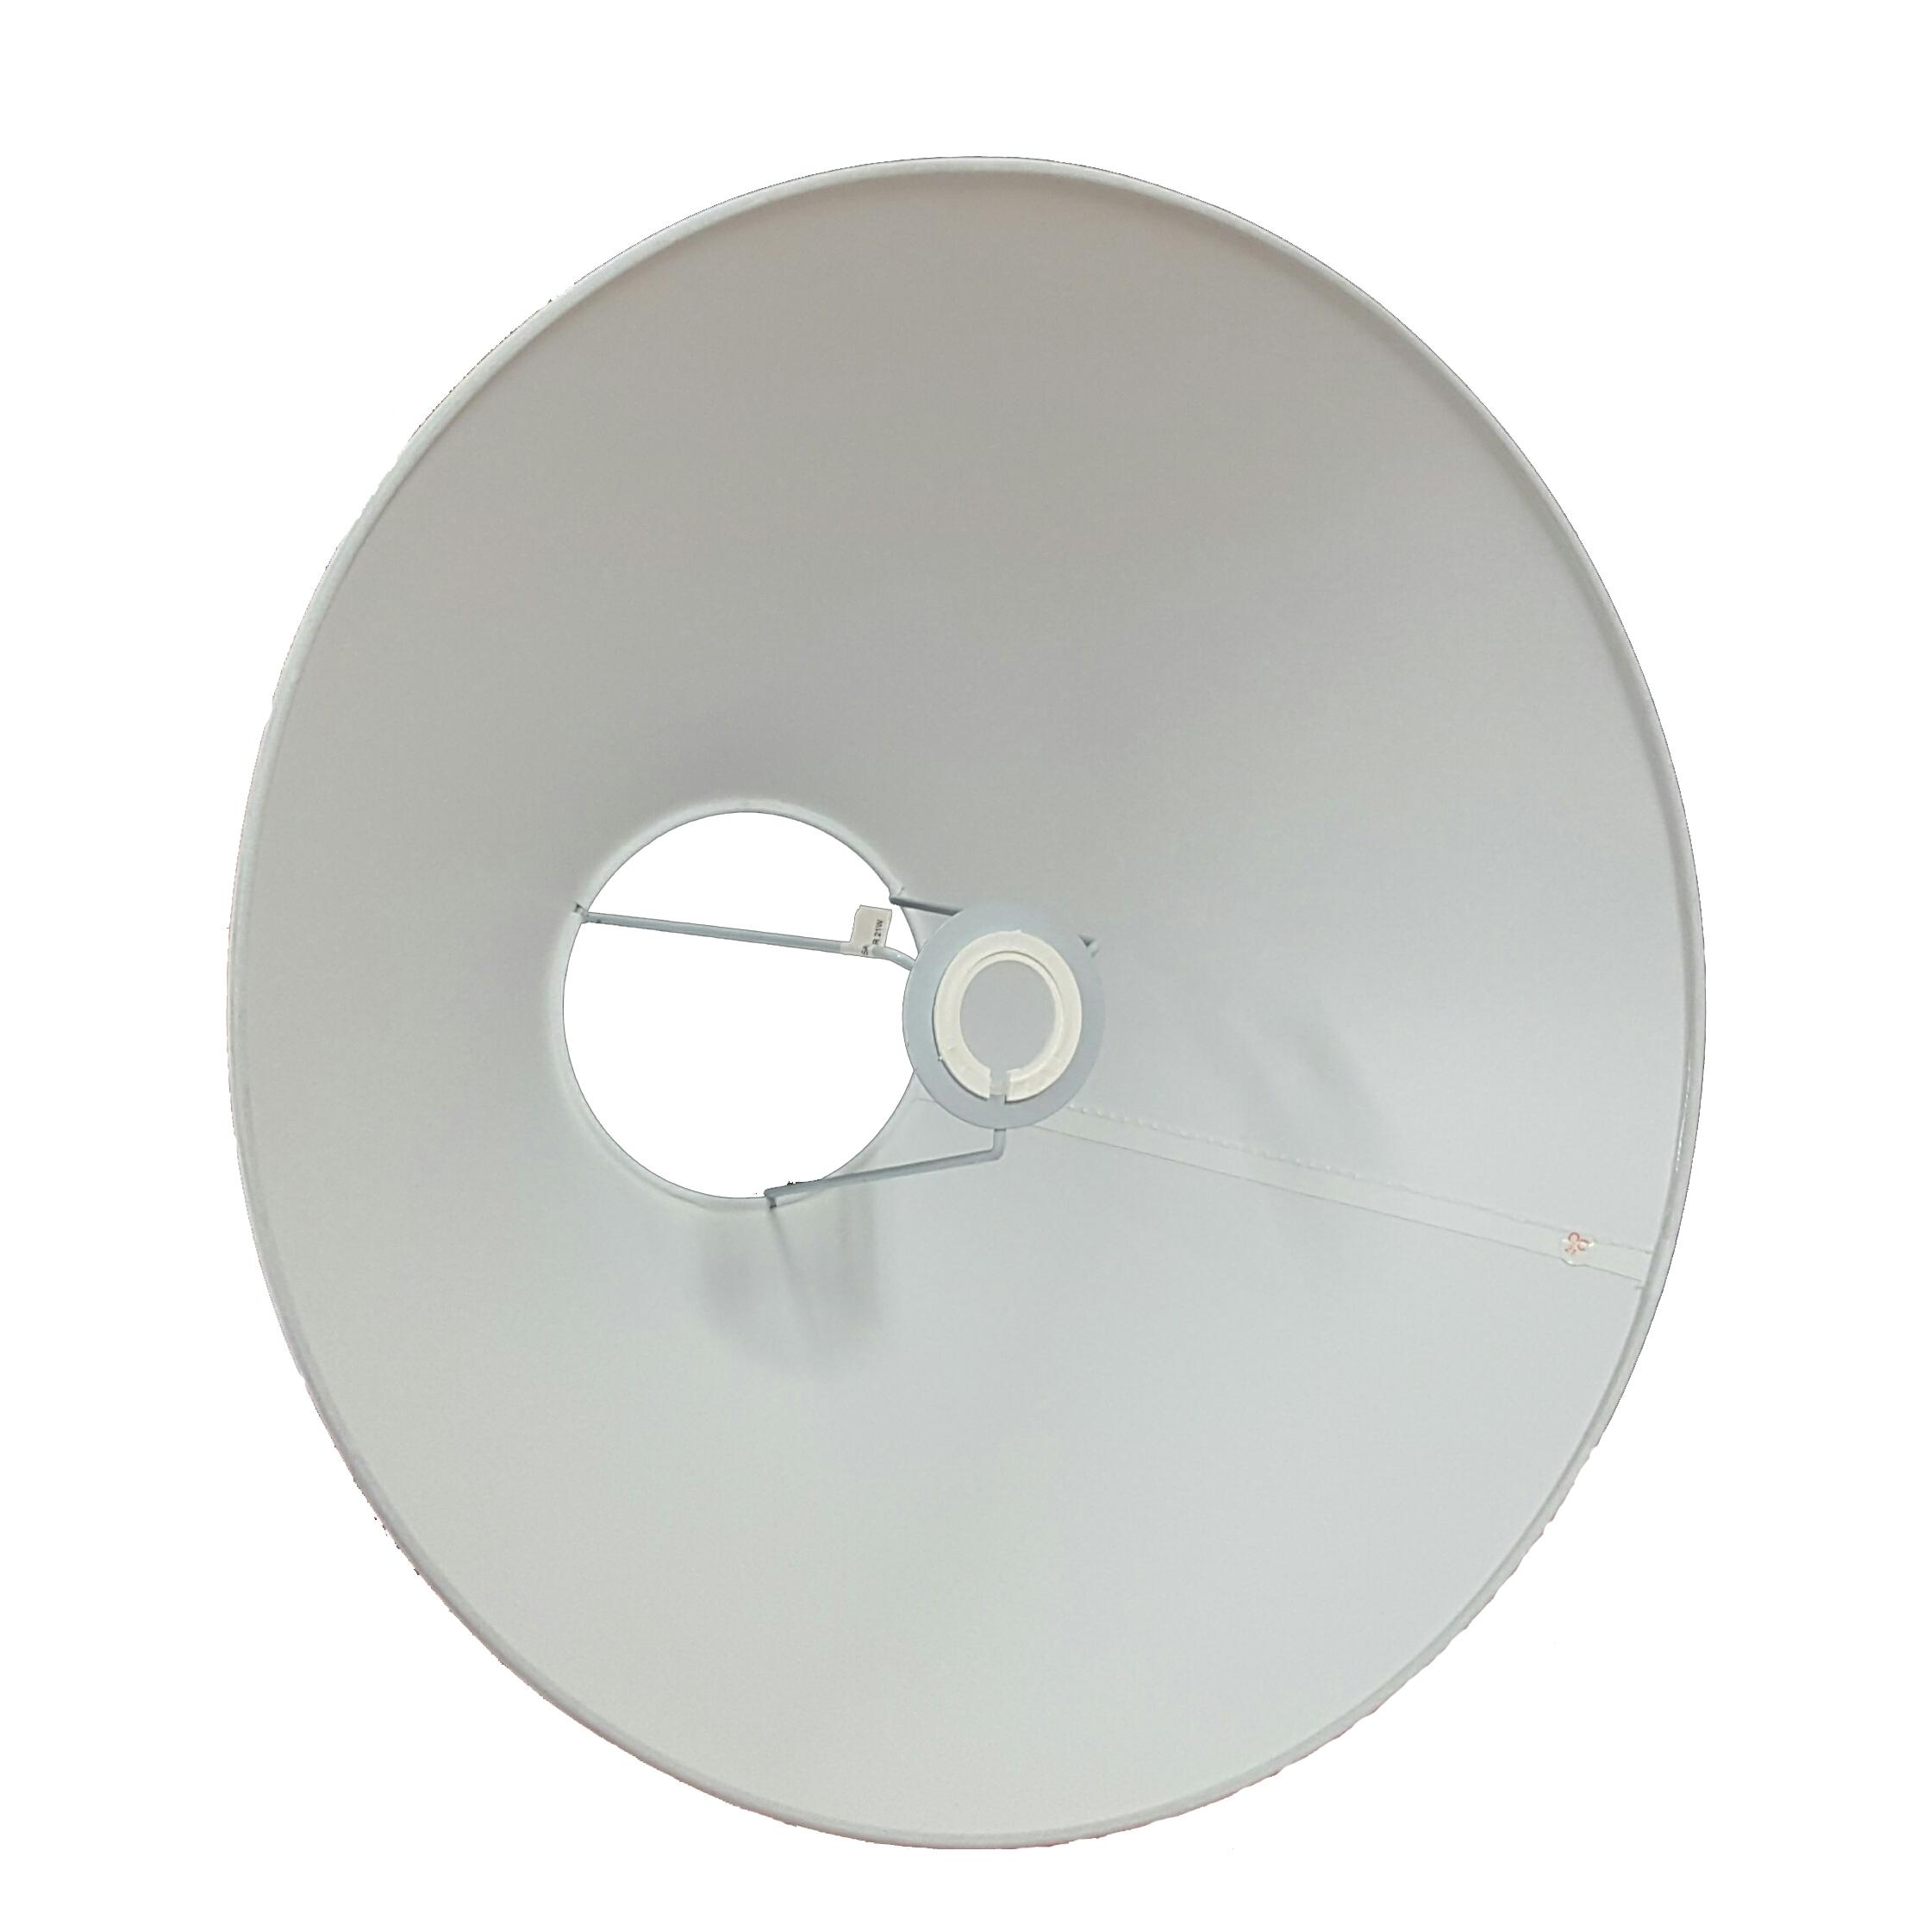 Nouveau 16 in Coolie Abat-jour polyvalent élégant disponible en blanc ou crème environ 40.64 cm